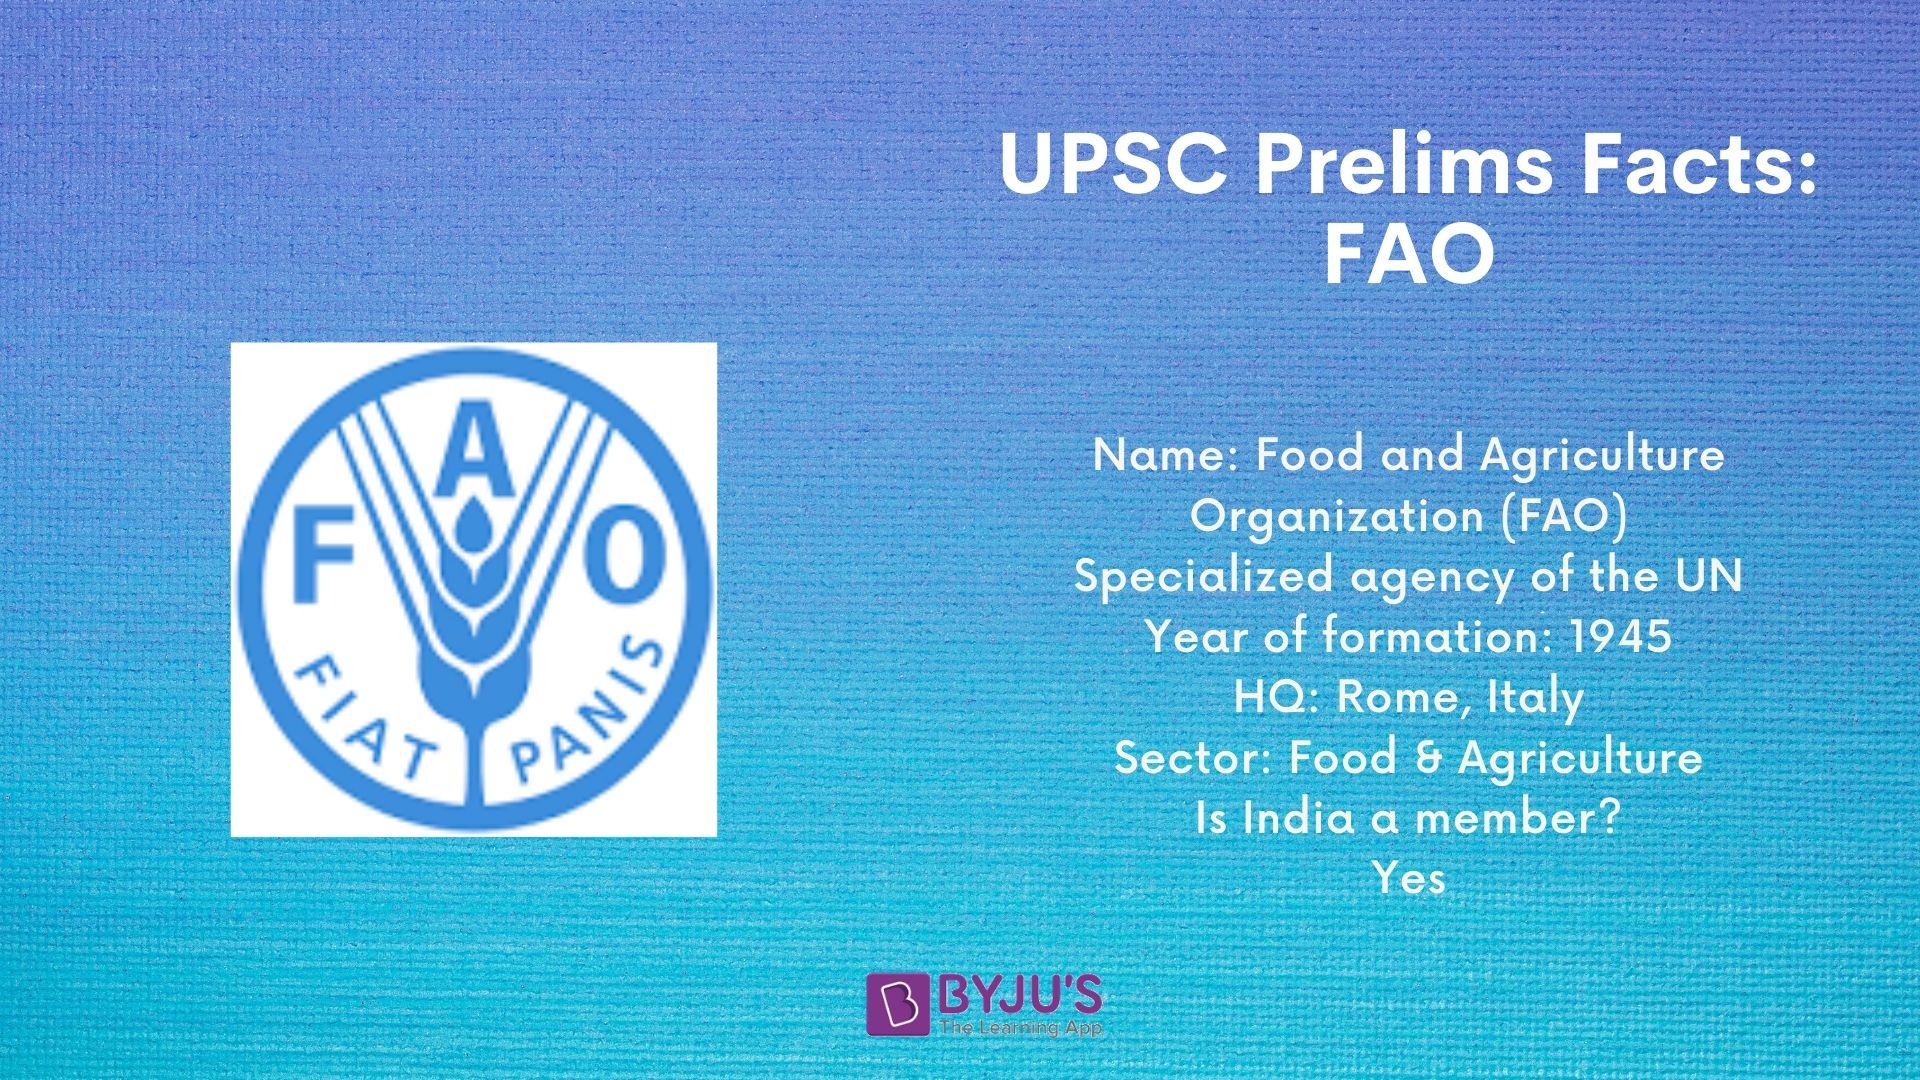 UPSC Prelims Facts for FAO